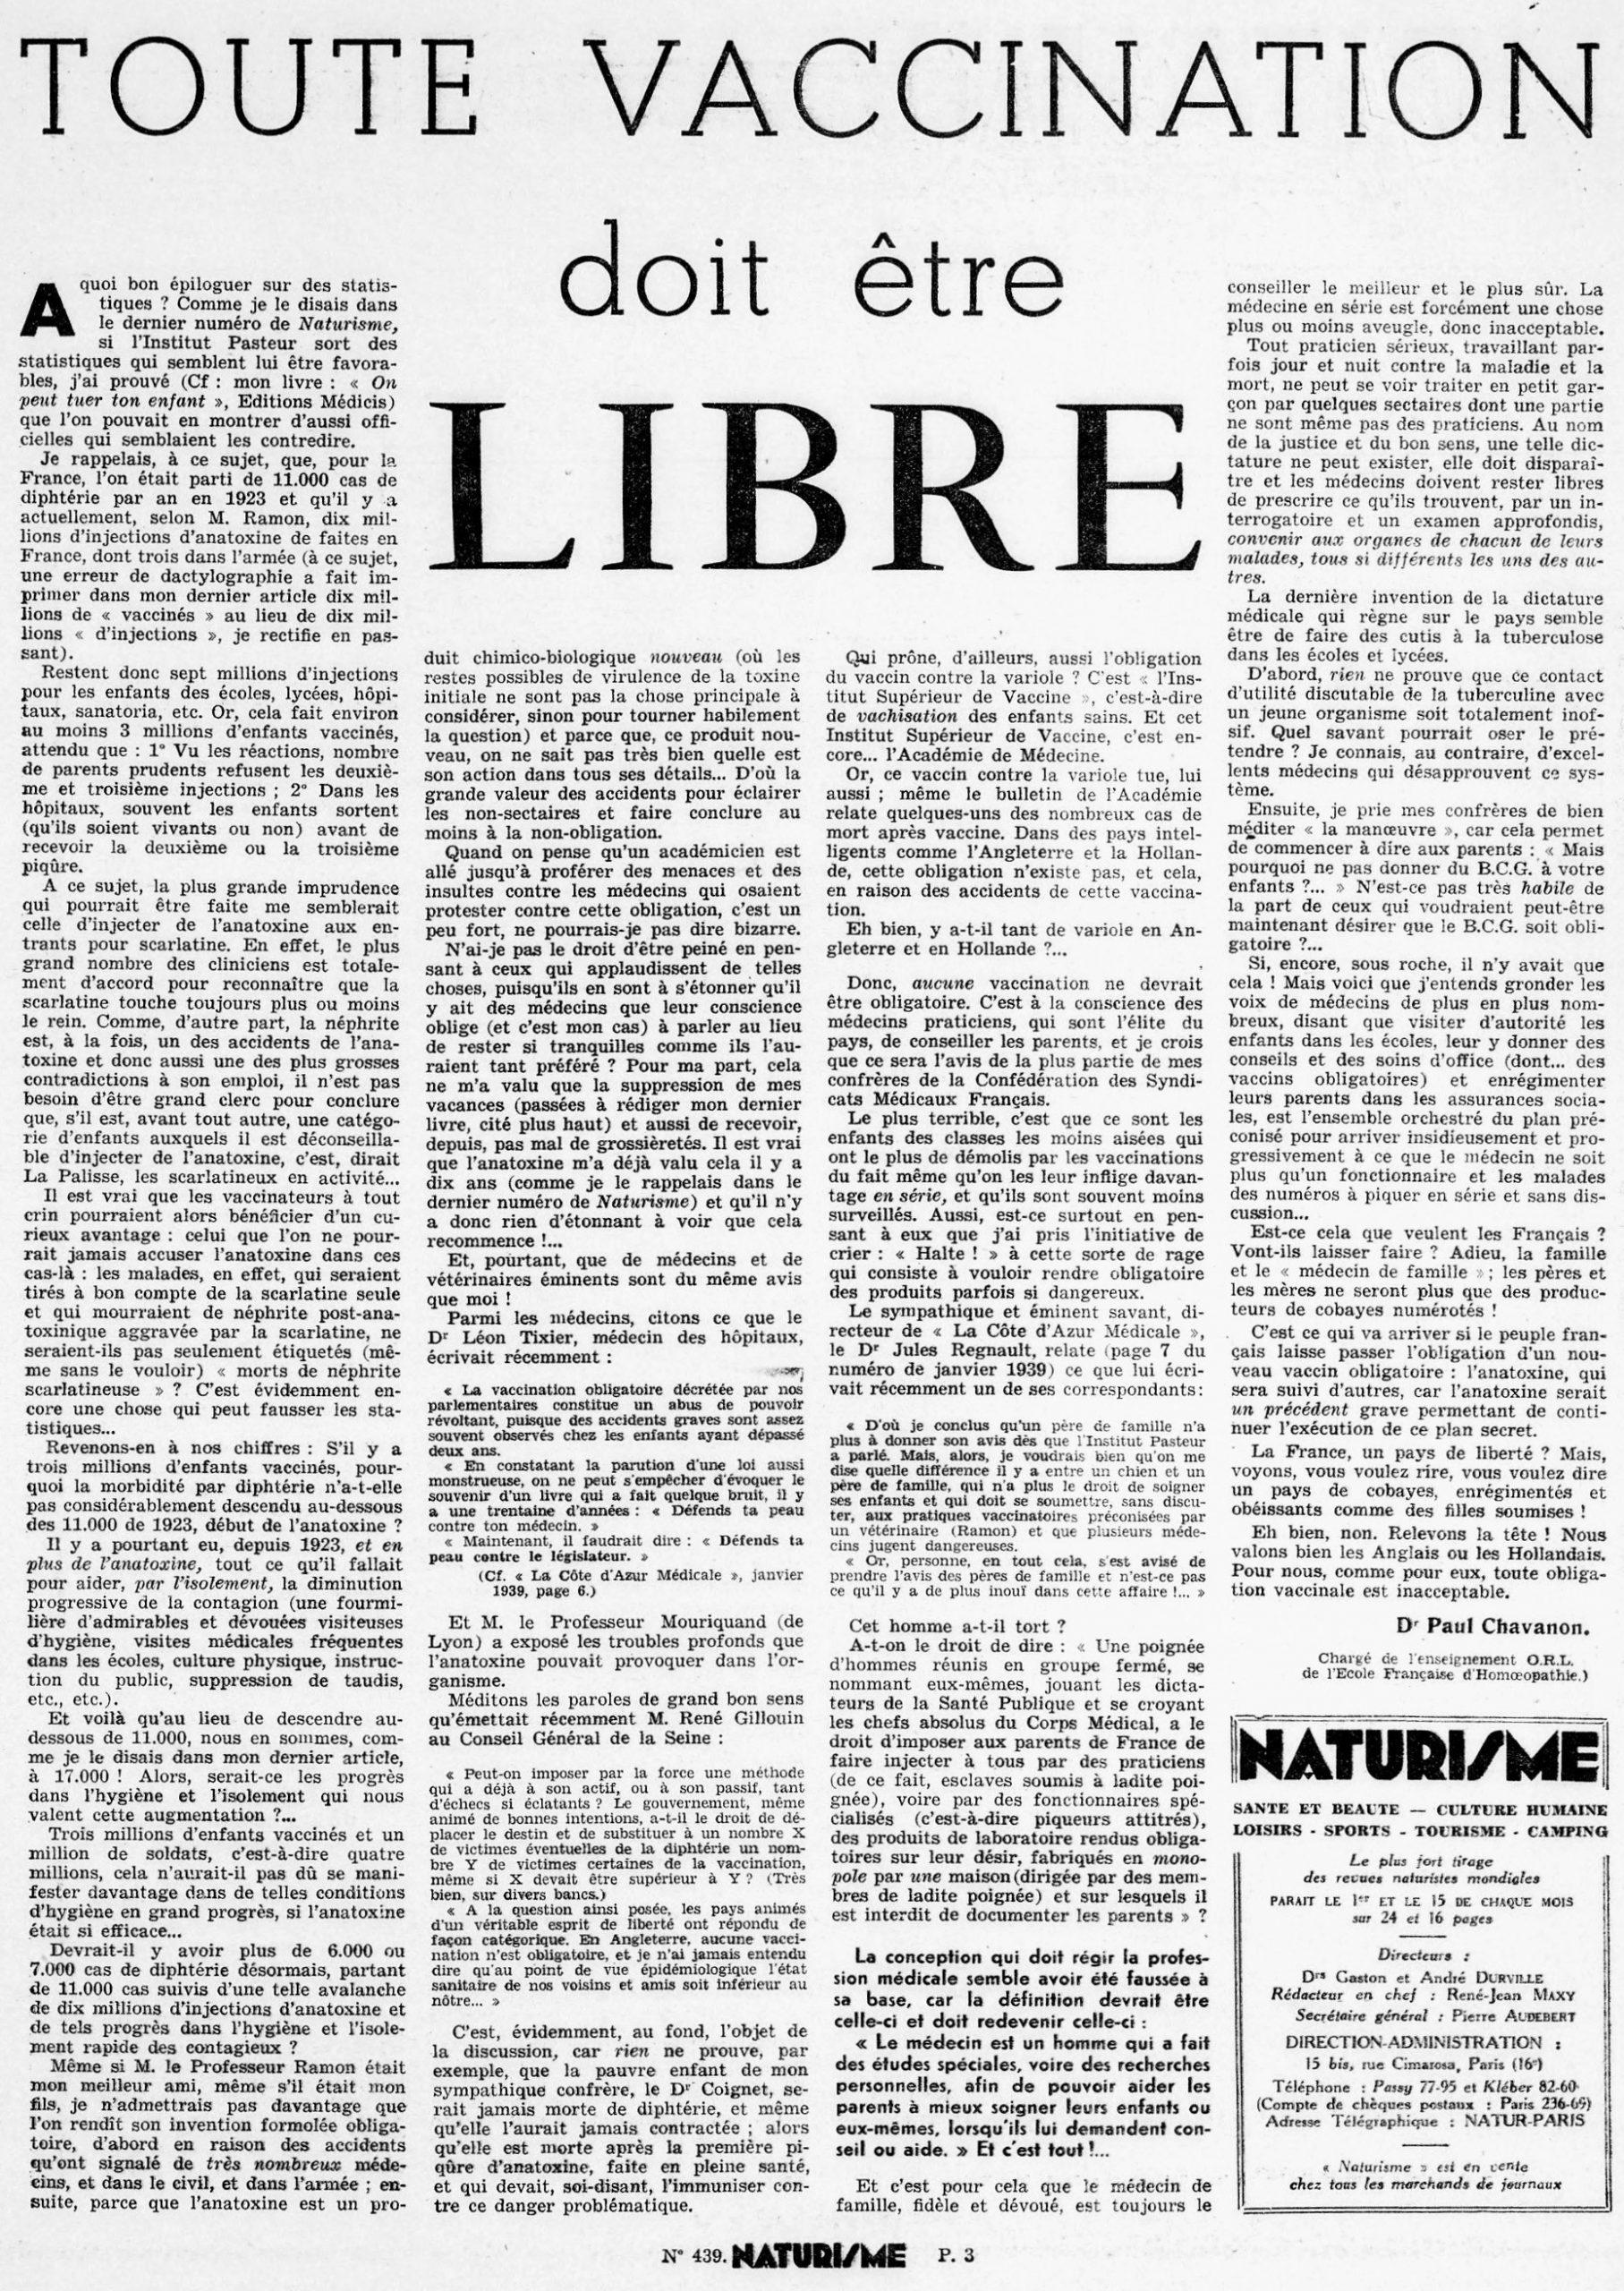 Naturisme vaccination obligatoire 1939